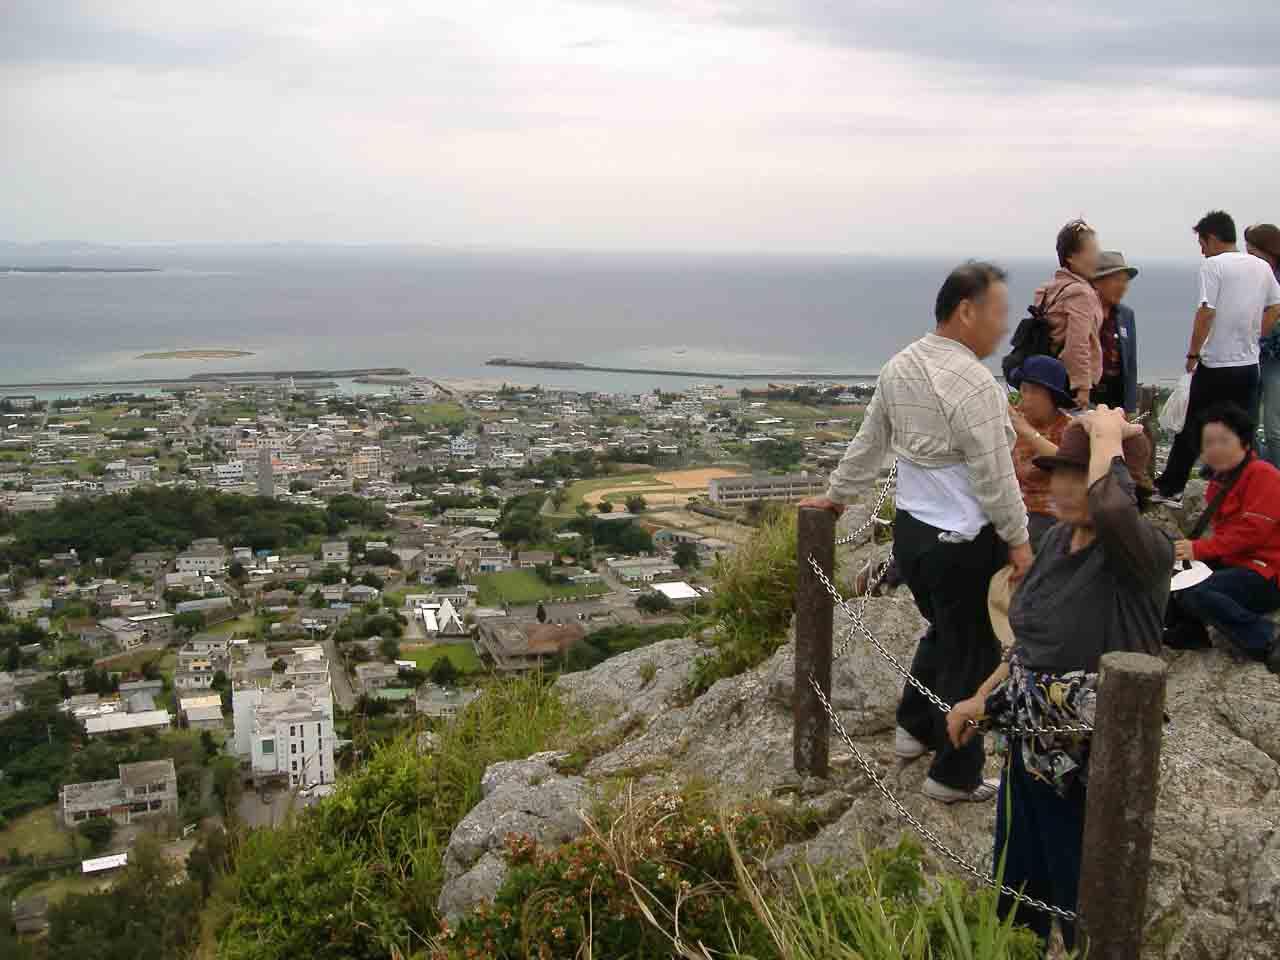 blog城山から全景09080422.jpg